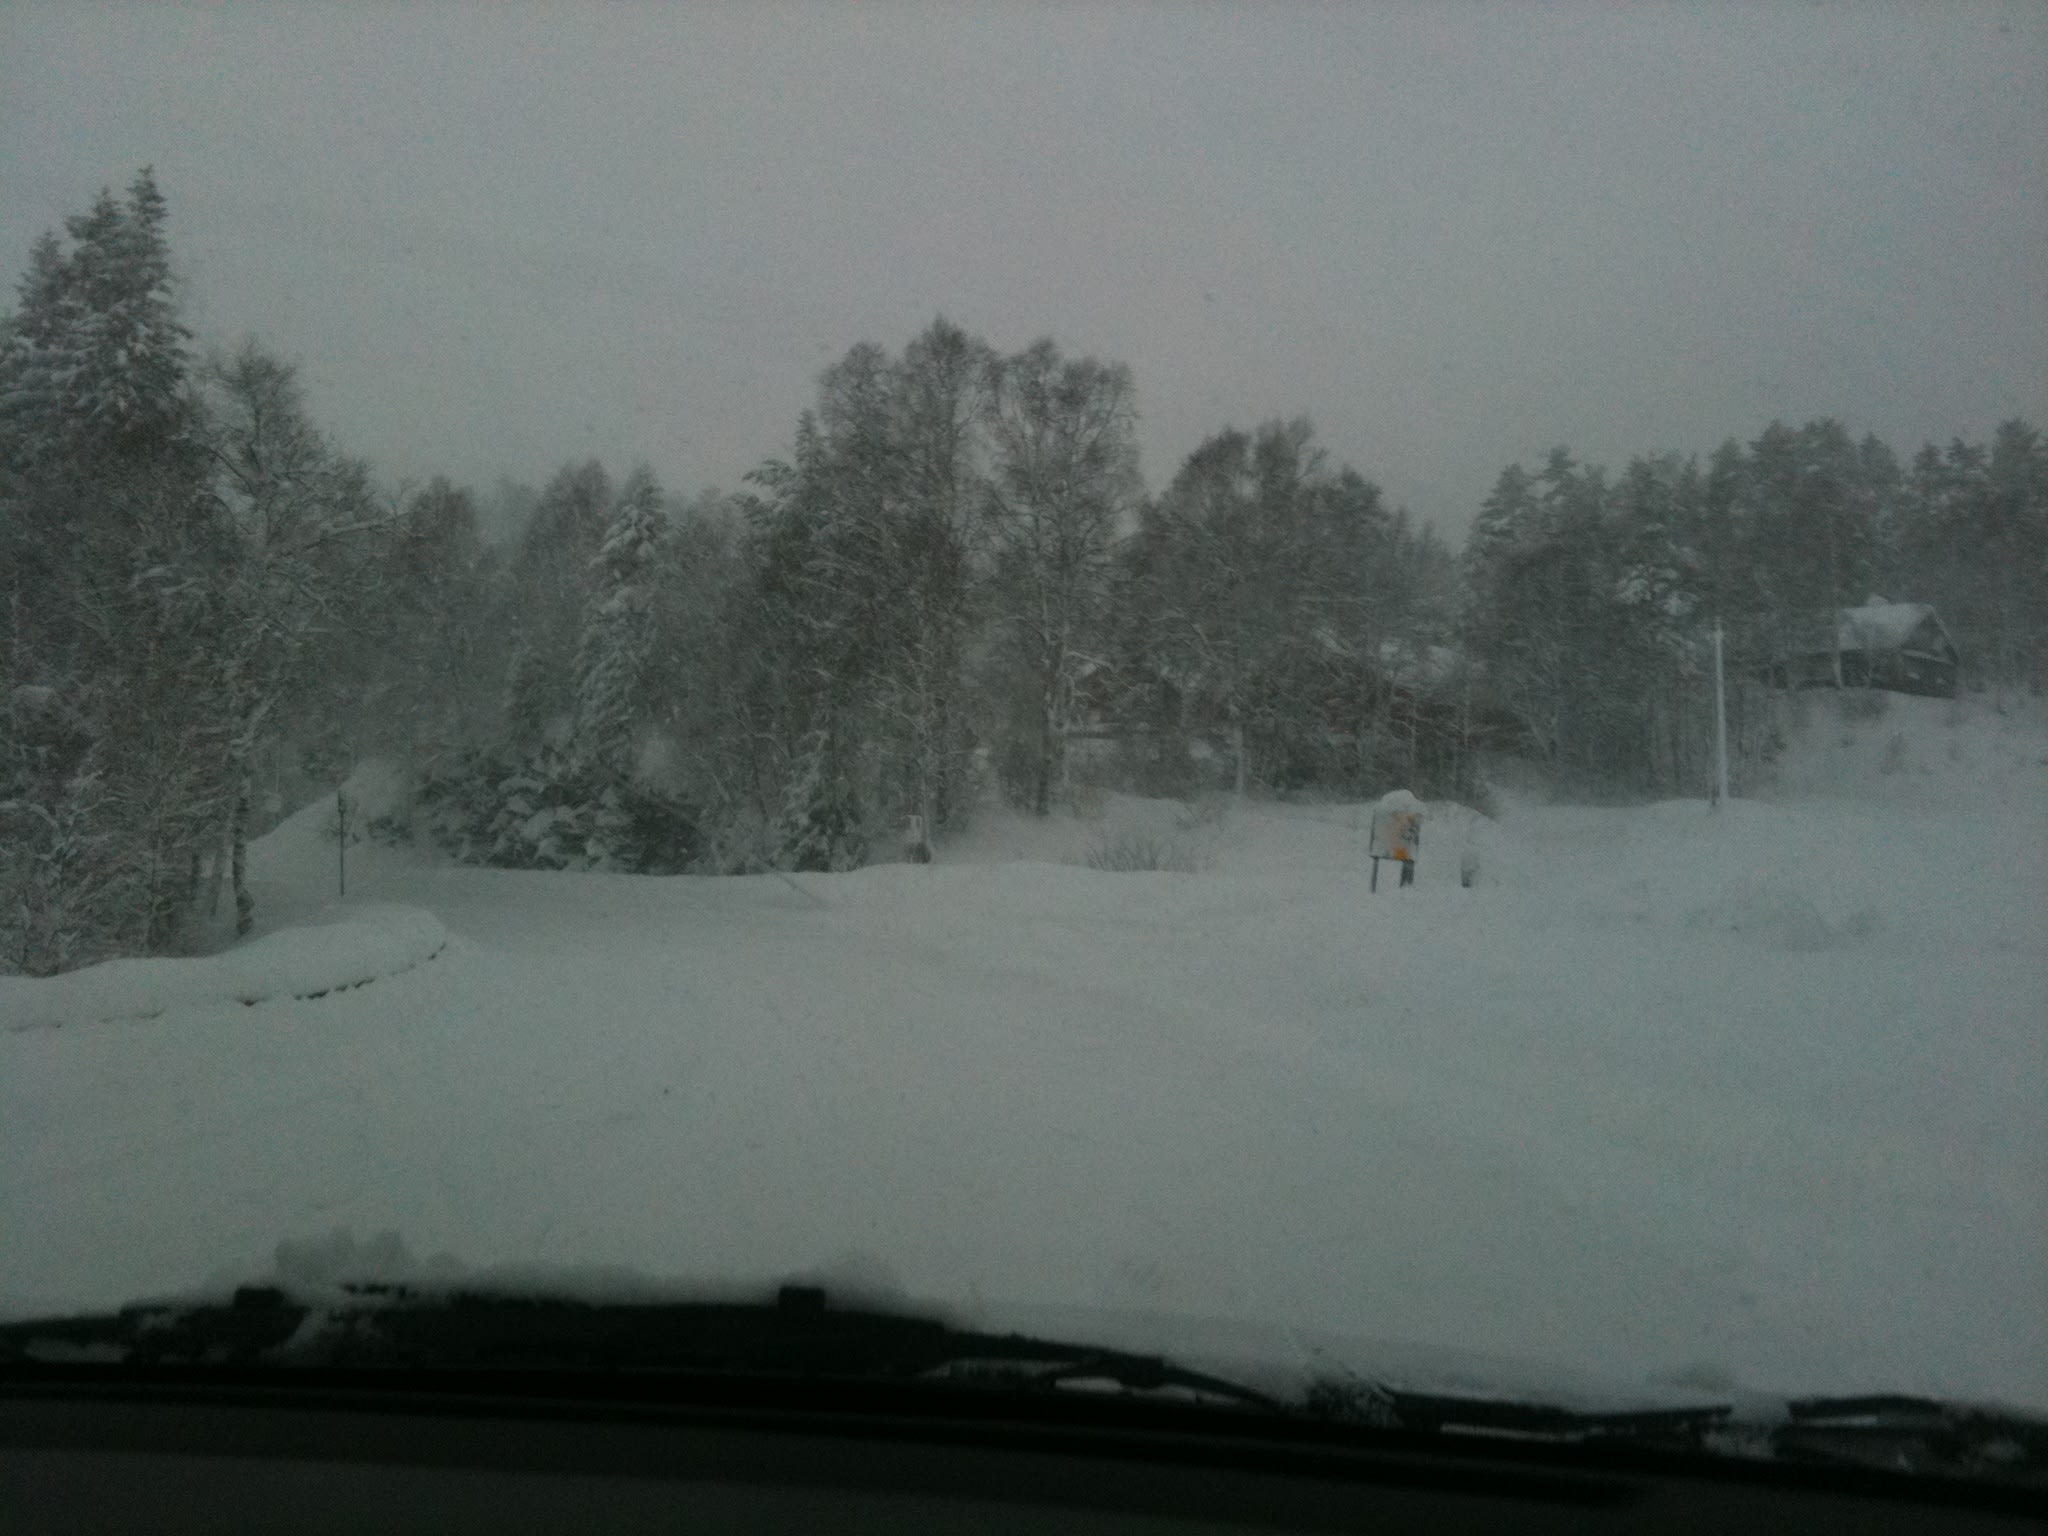 Driving in Bergen ep2 - roundabouts|Å kjøre i Bergen del 2 - rundkjøringer